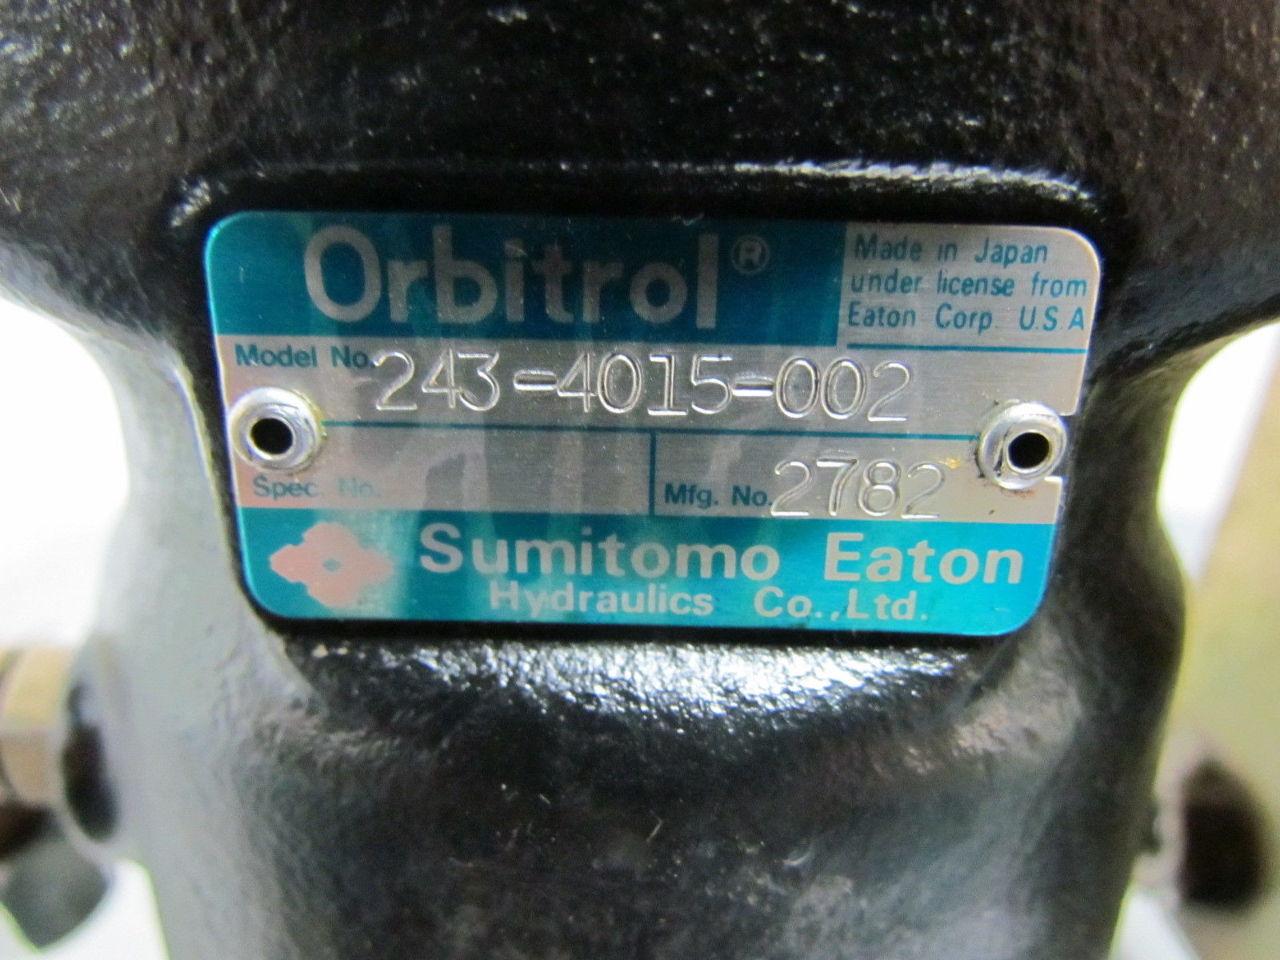 Orbitrol Sumitomo Eaton 243 4015 002 Steering Control